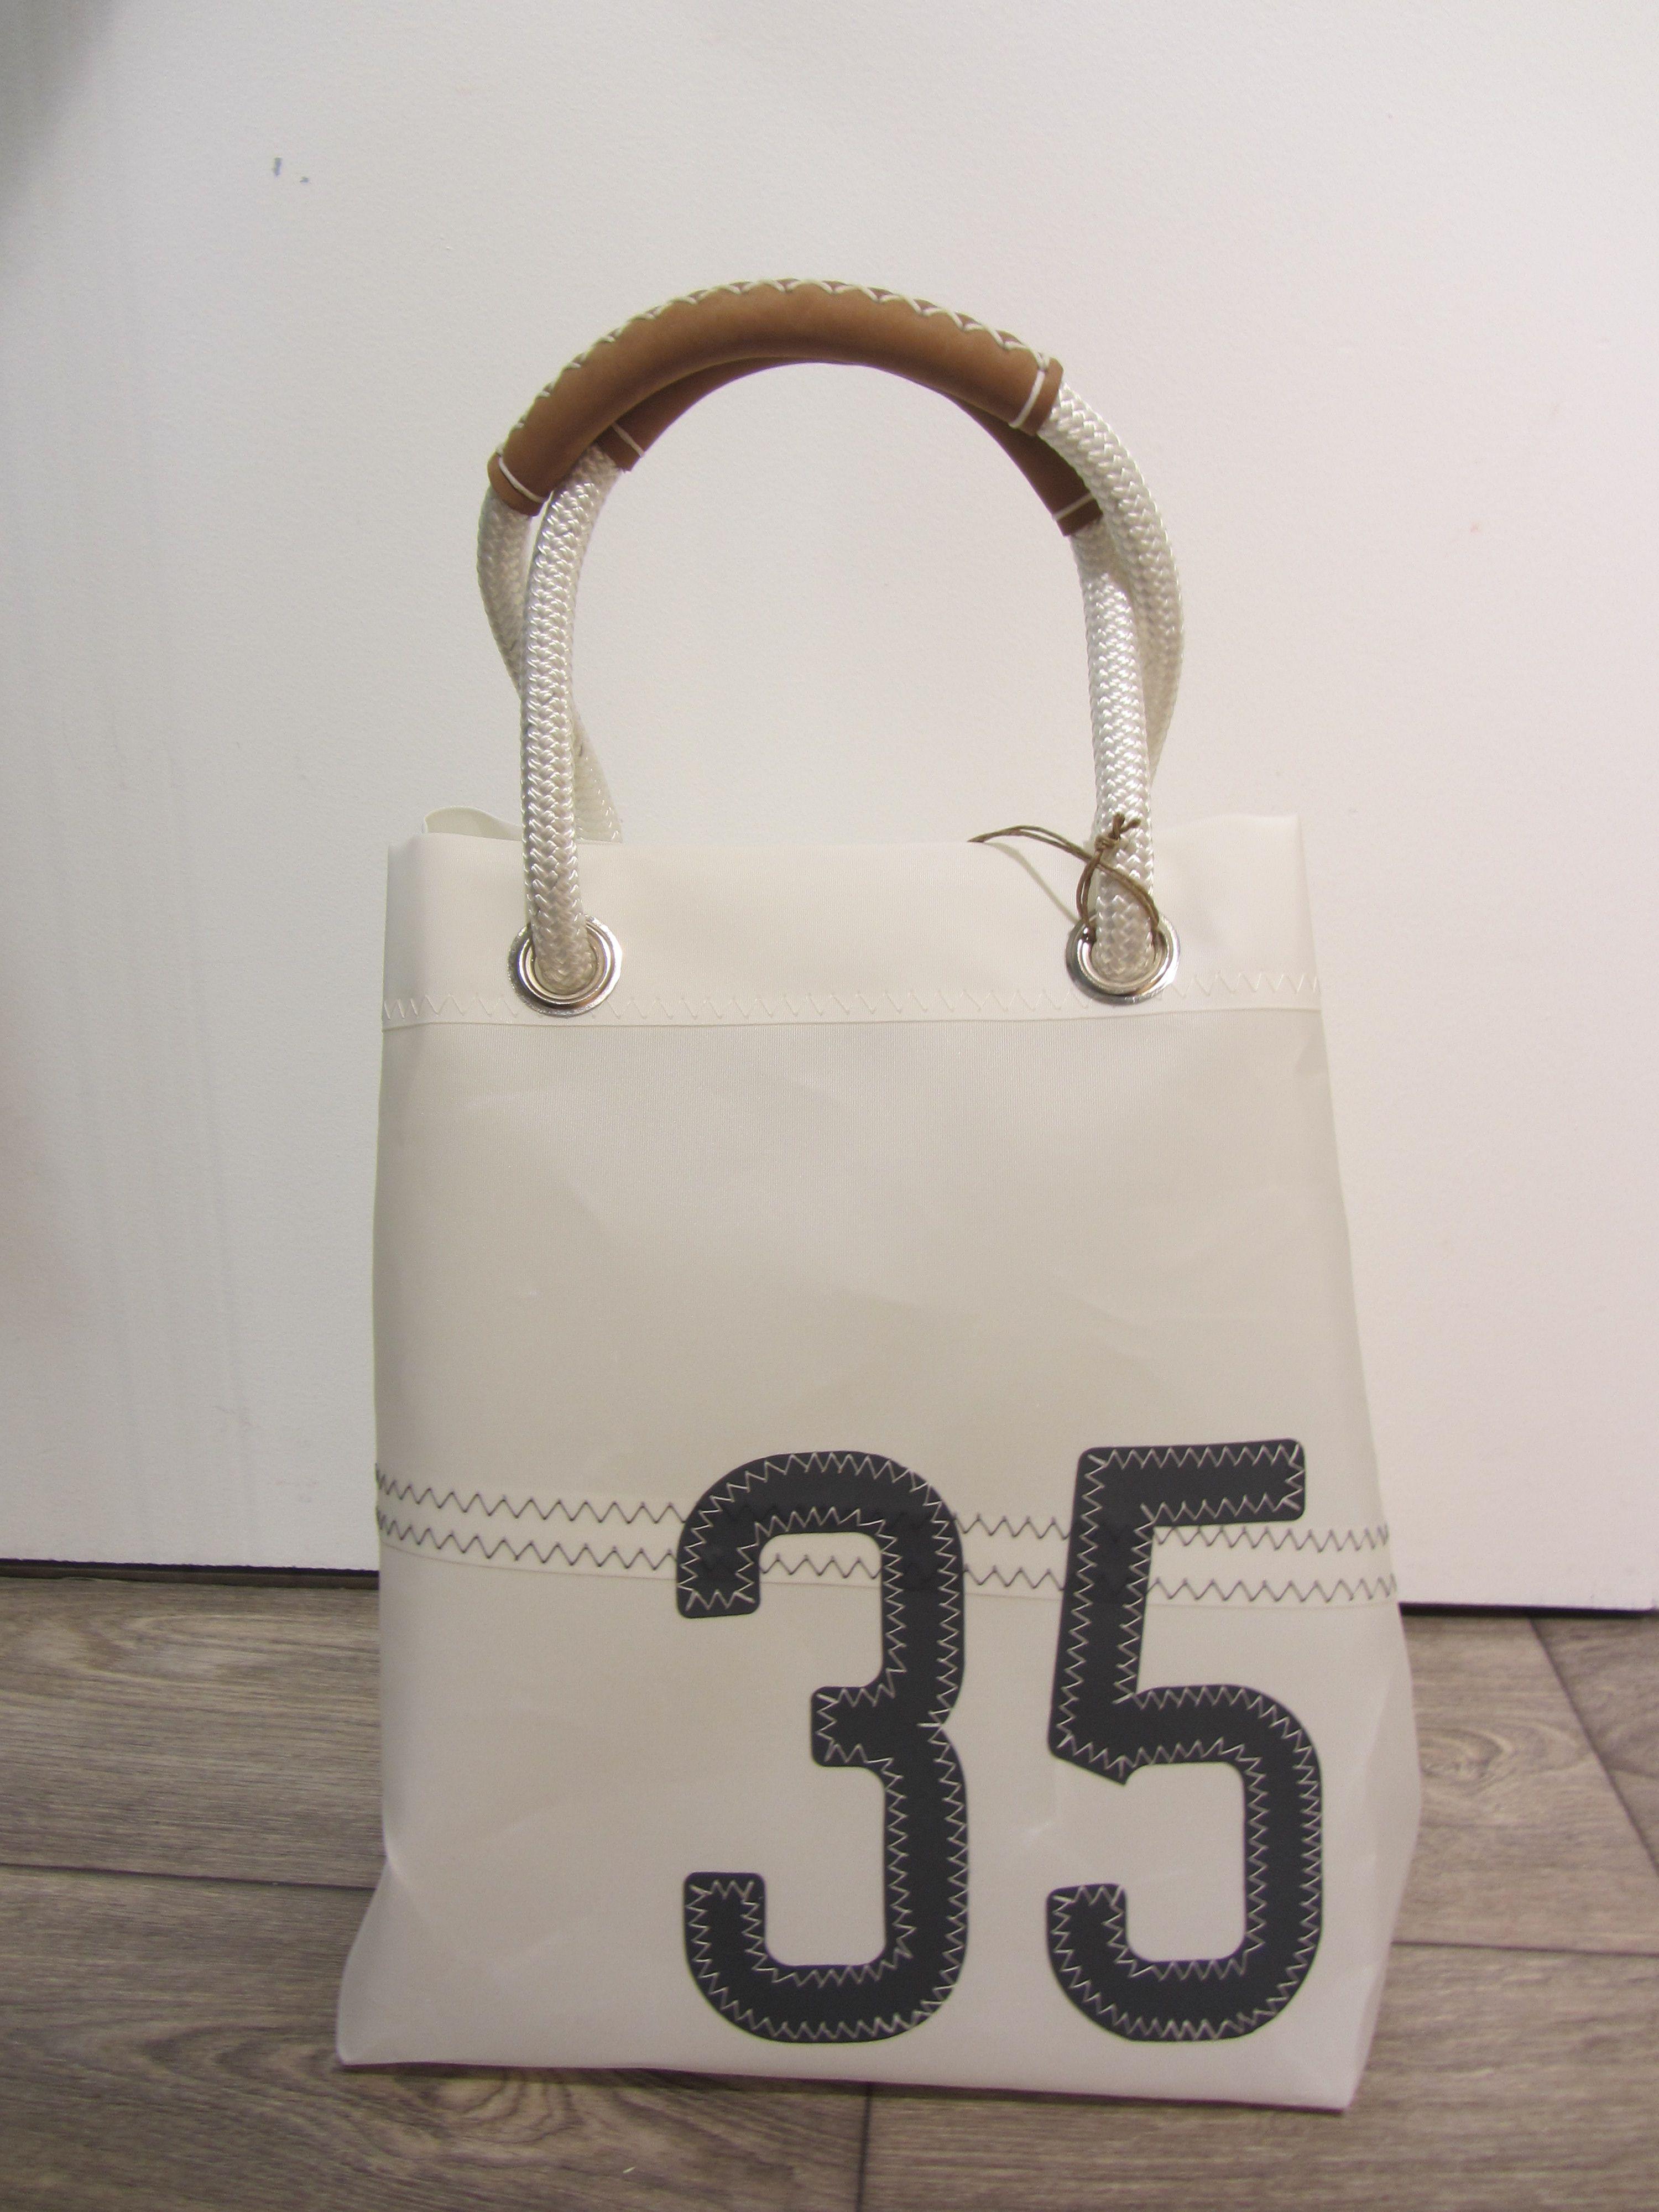 sac en voile pour bateau cr par l 39 artisan cr ateur vent de voyage de st malo en bretagne. Black Bedroom Furniture Sets. Home Design Ideas